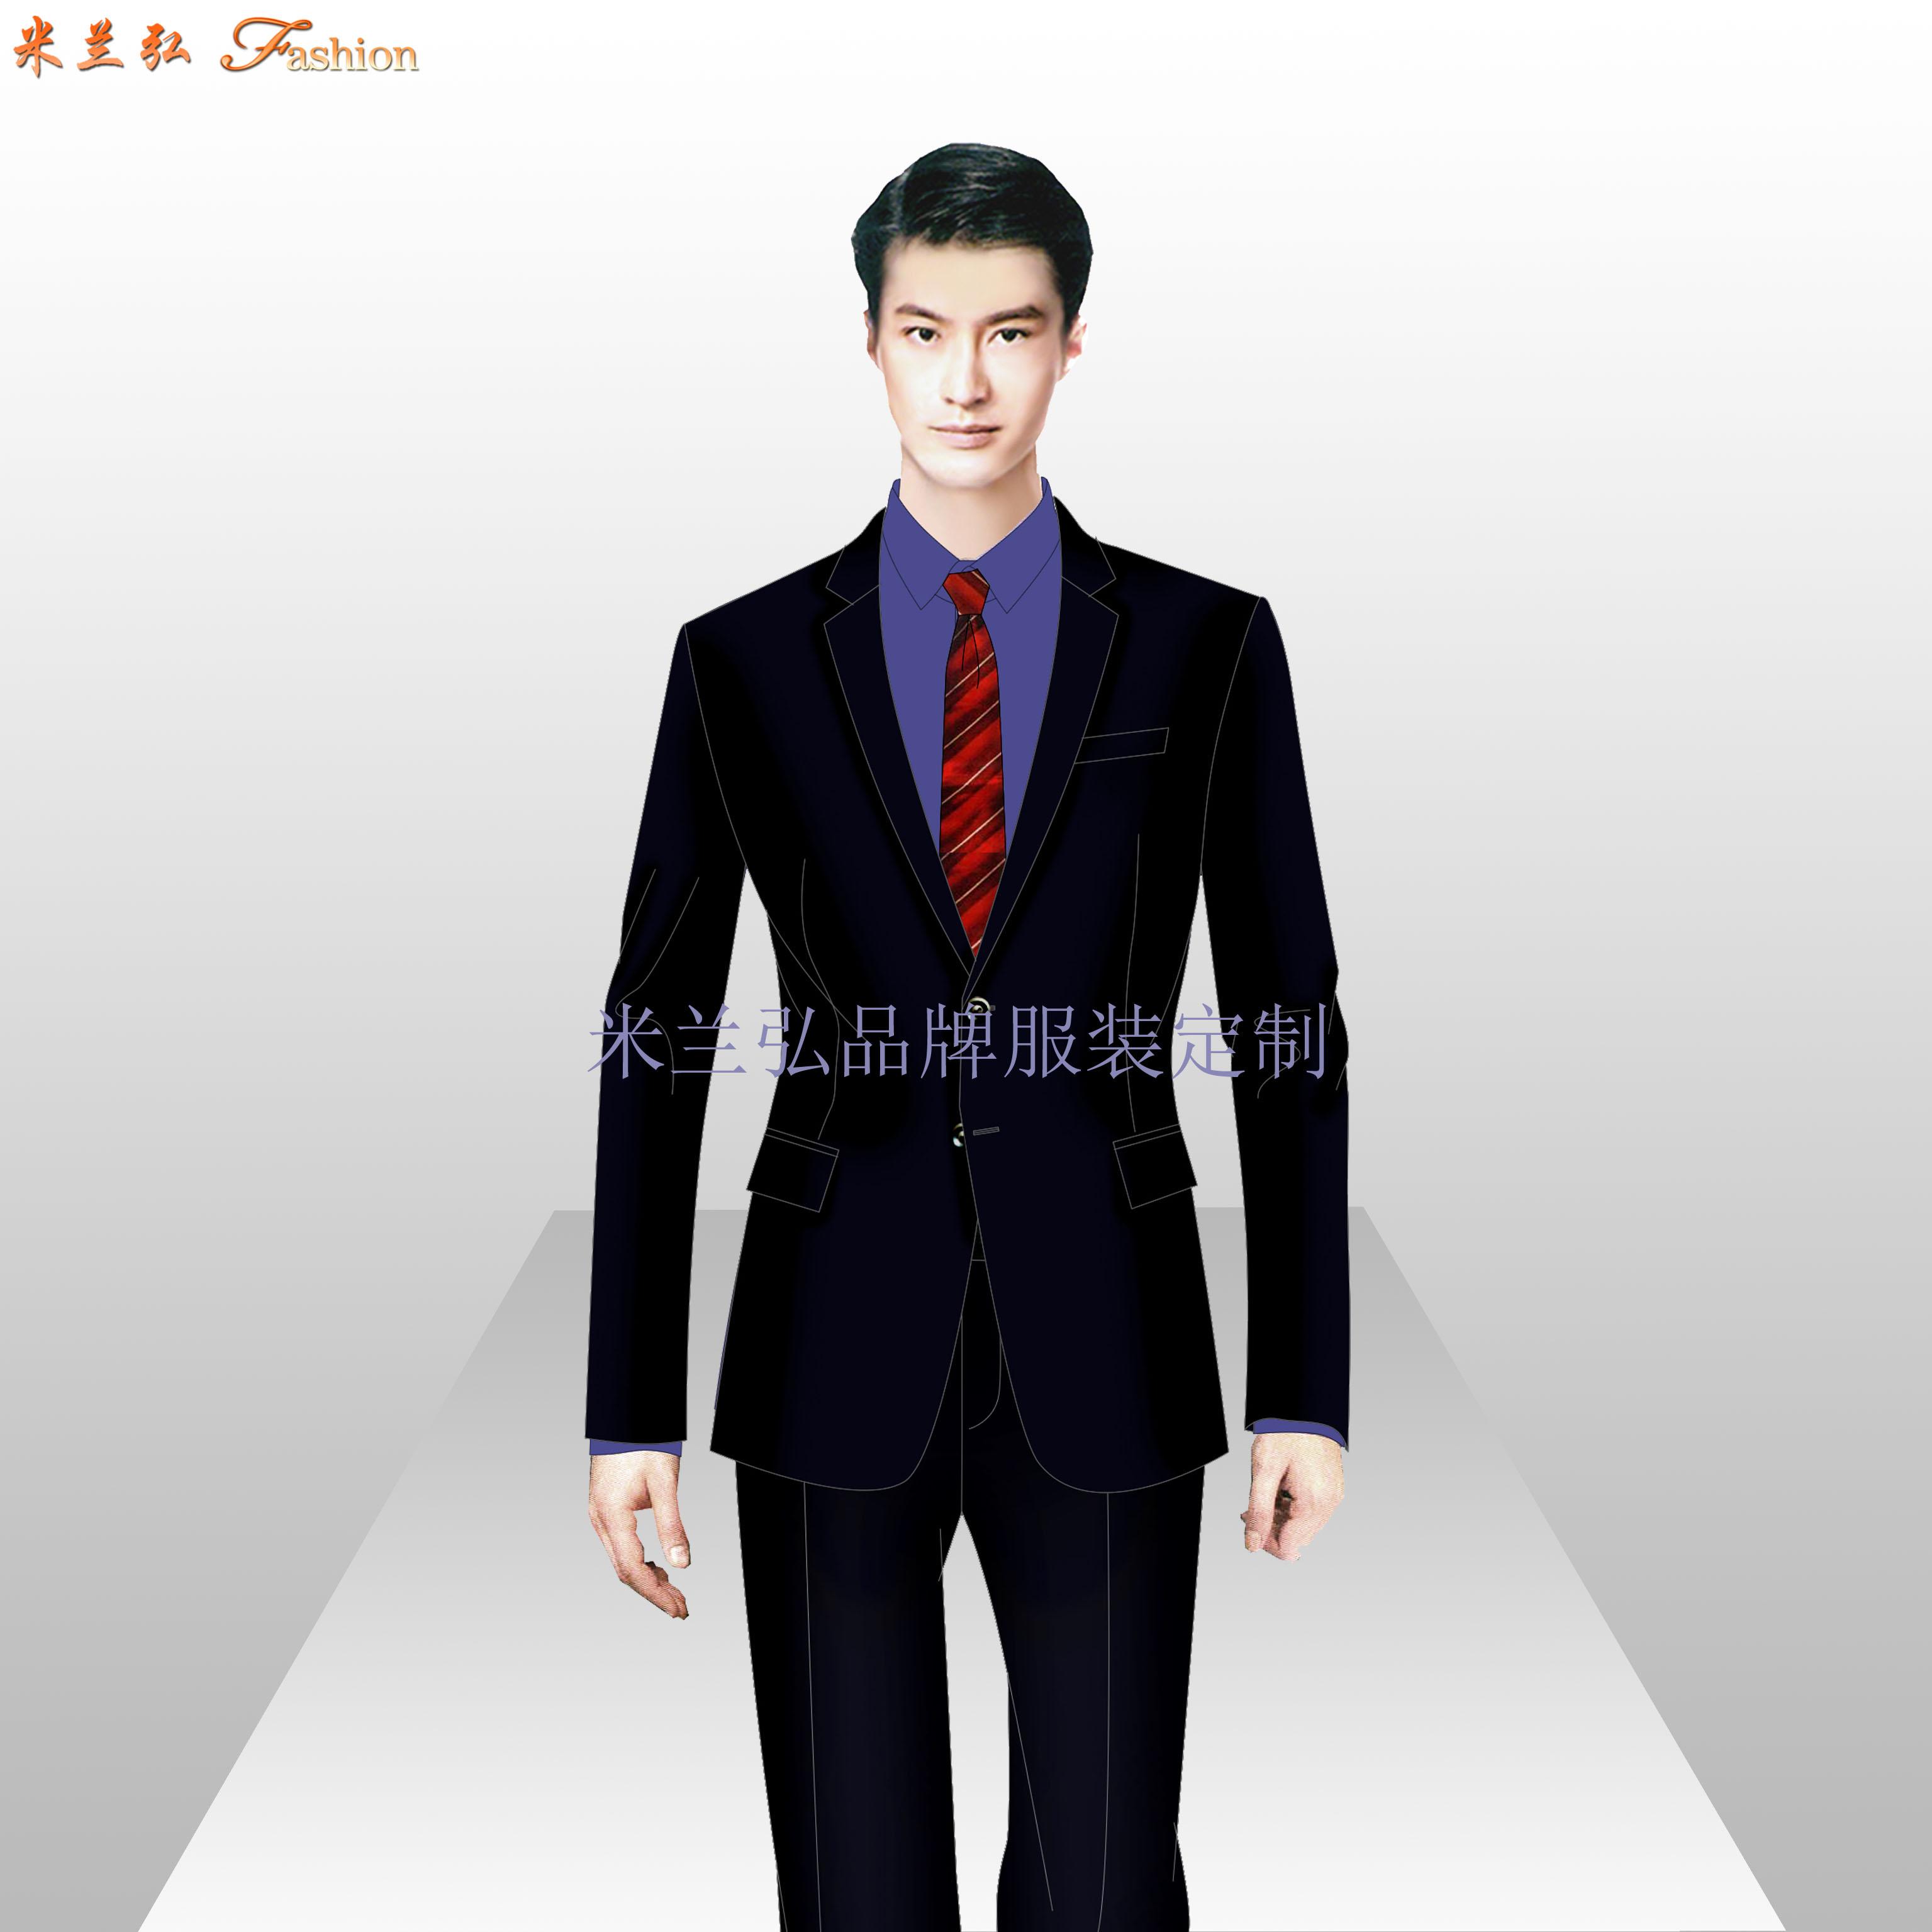 南京西服定制_南京西裝訂做-米蘭弘服裝廠家-5